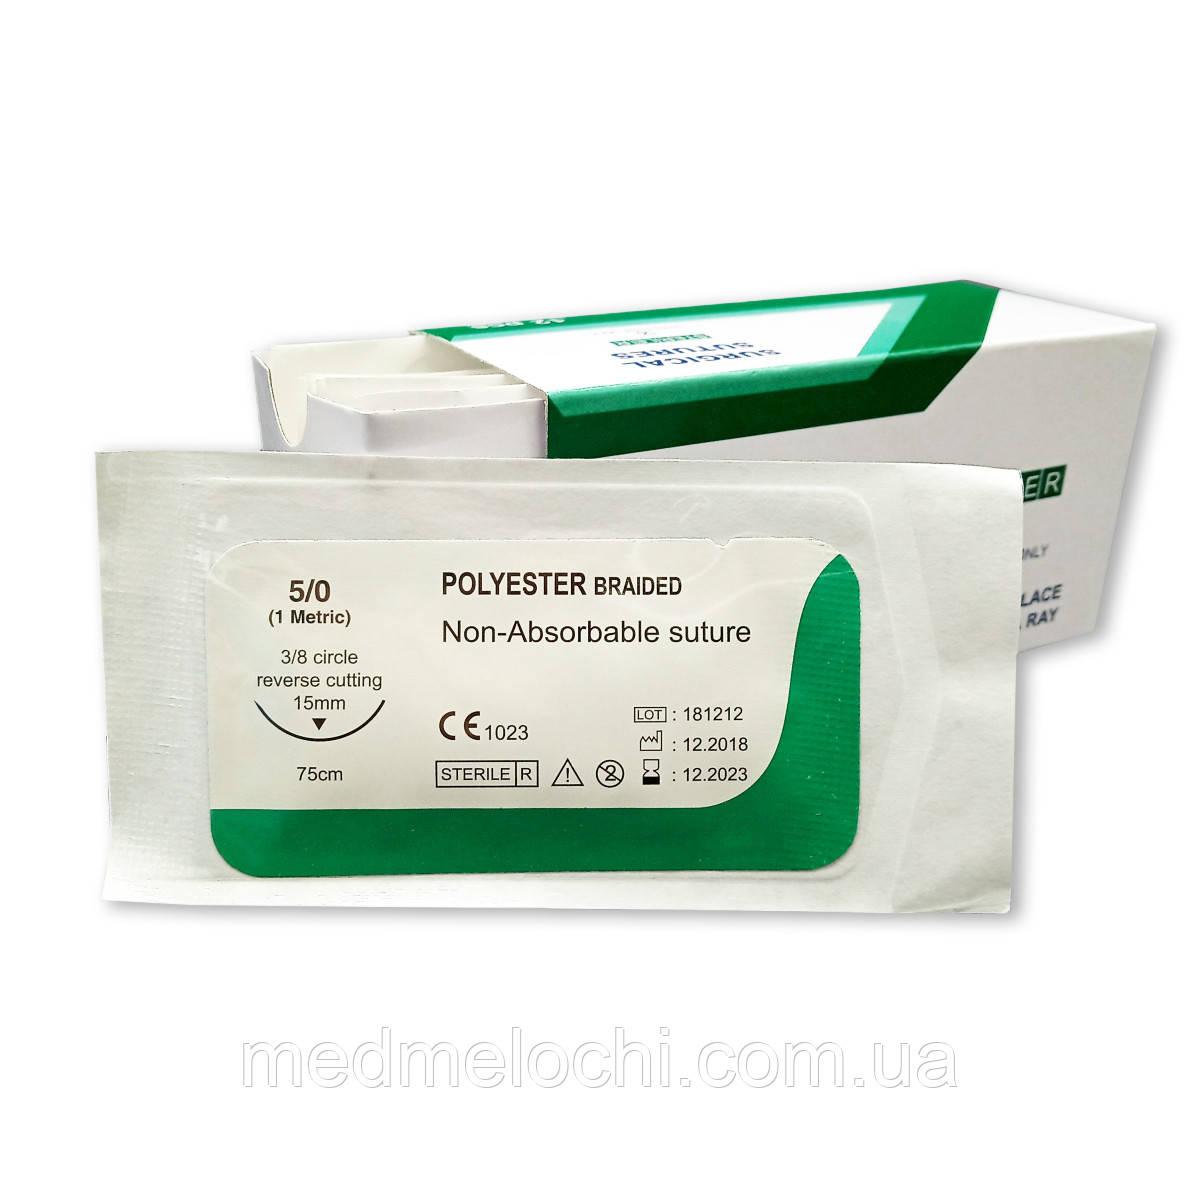 Поліестер USP 5/0 (EP 1) з звор. ріж. голкою 15мм 3/8 кола